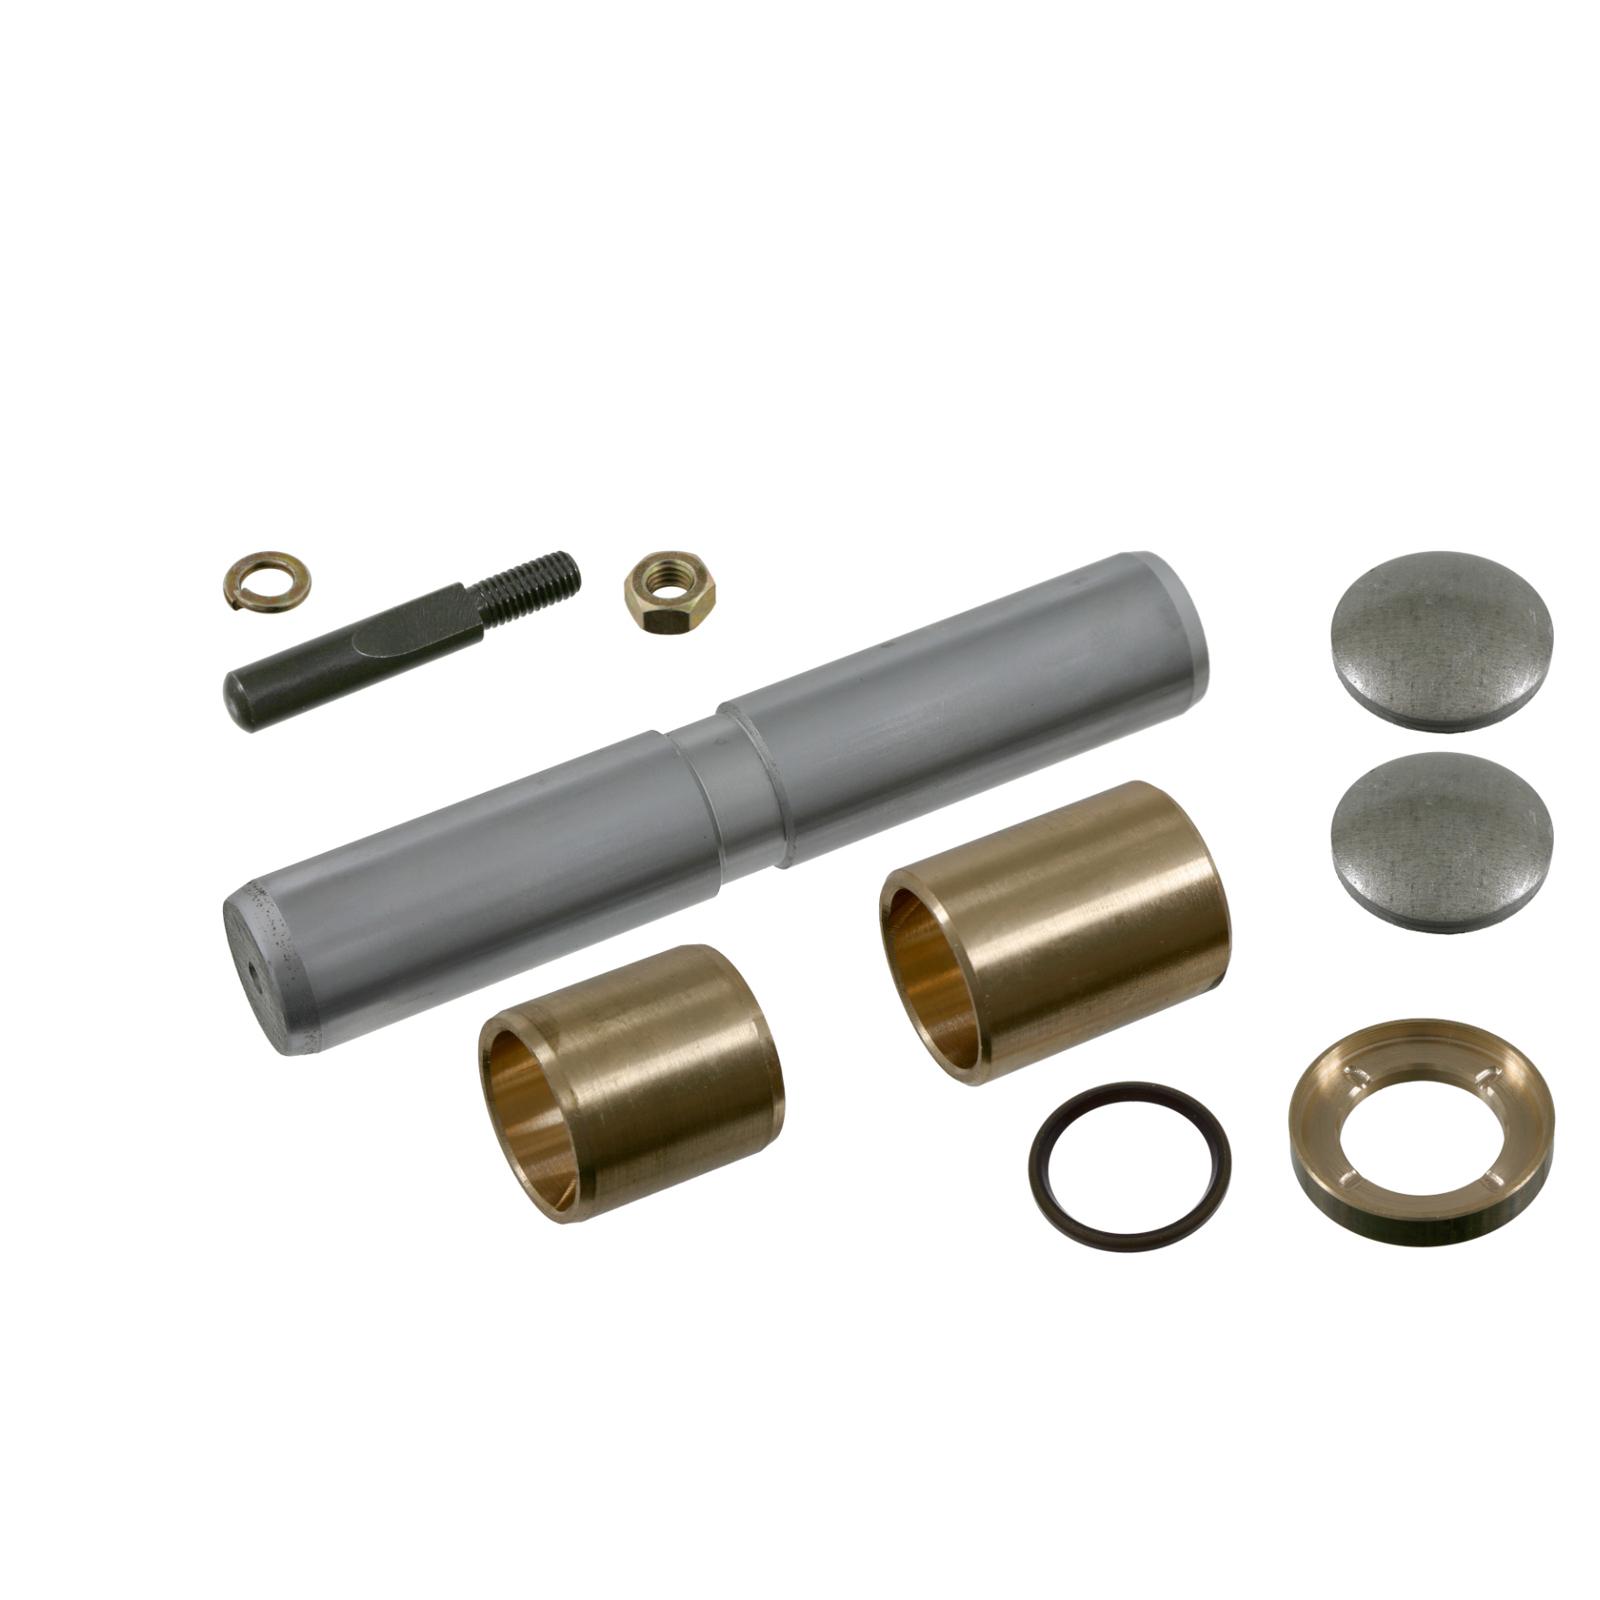 FEBI 06319 Reparatursatz Achsschenkelbolzen MERCEDES T2/L T2/LN1 vorne